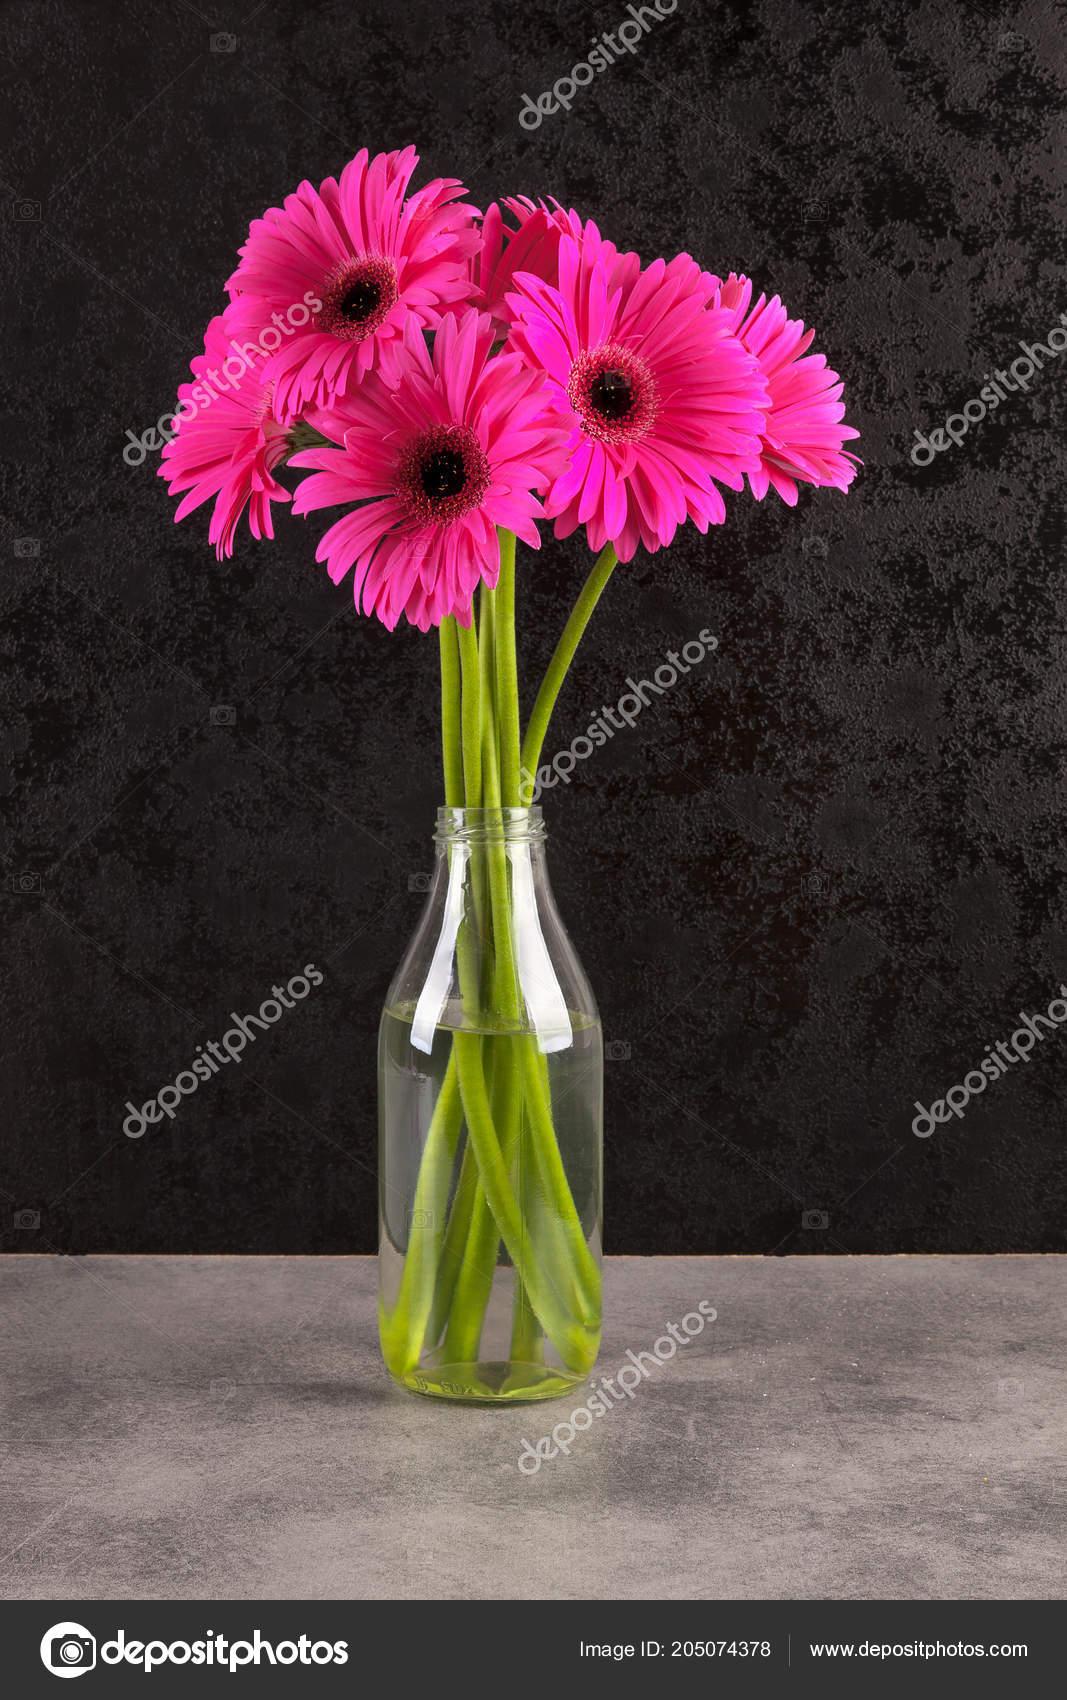 Gerbera Pink Flowers Vase Dark Background Stock Photo Image By C Eskymaks 205074378